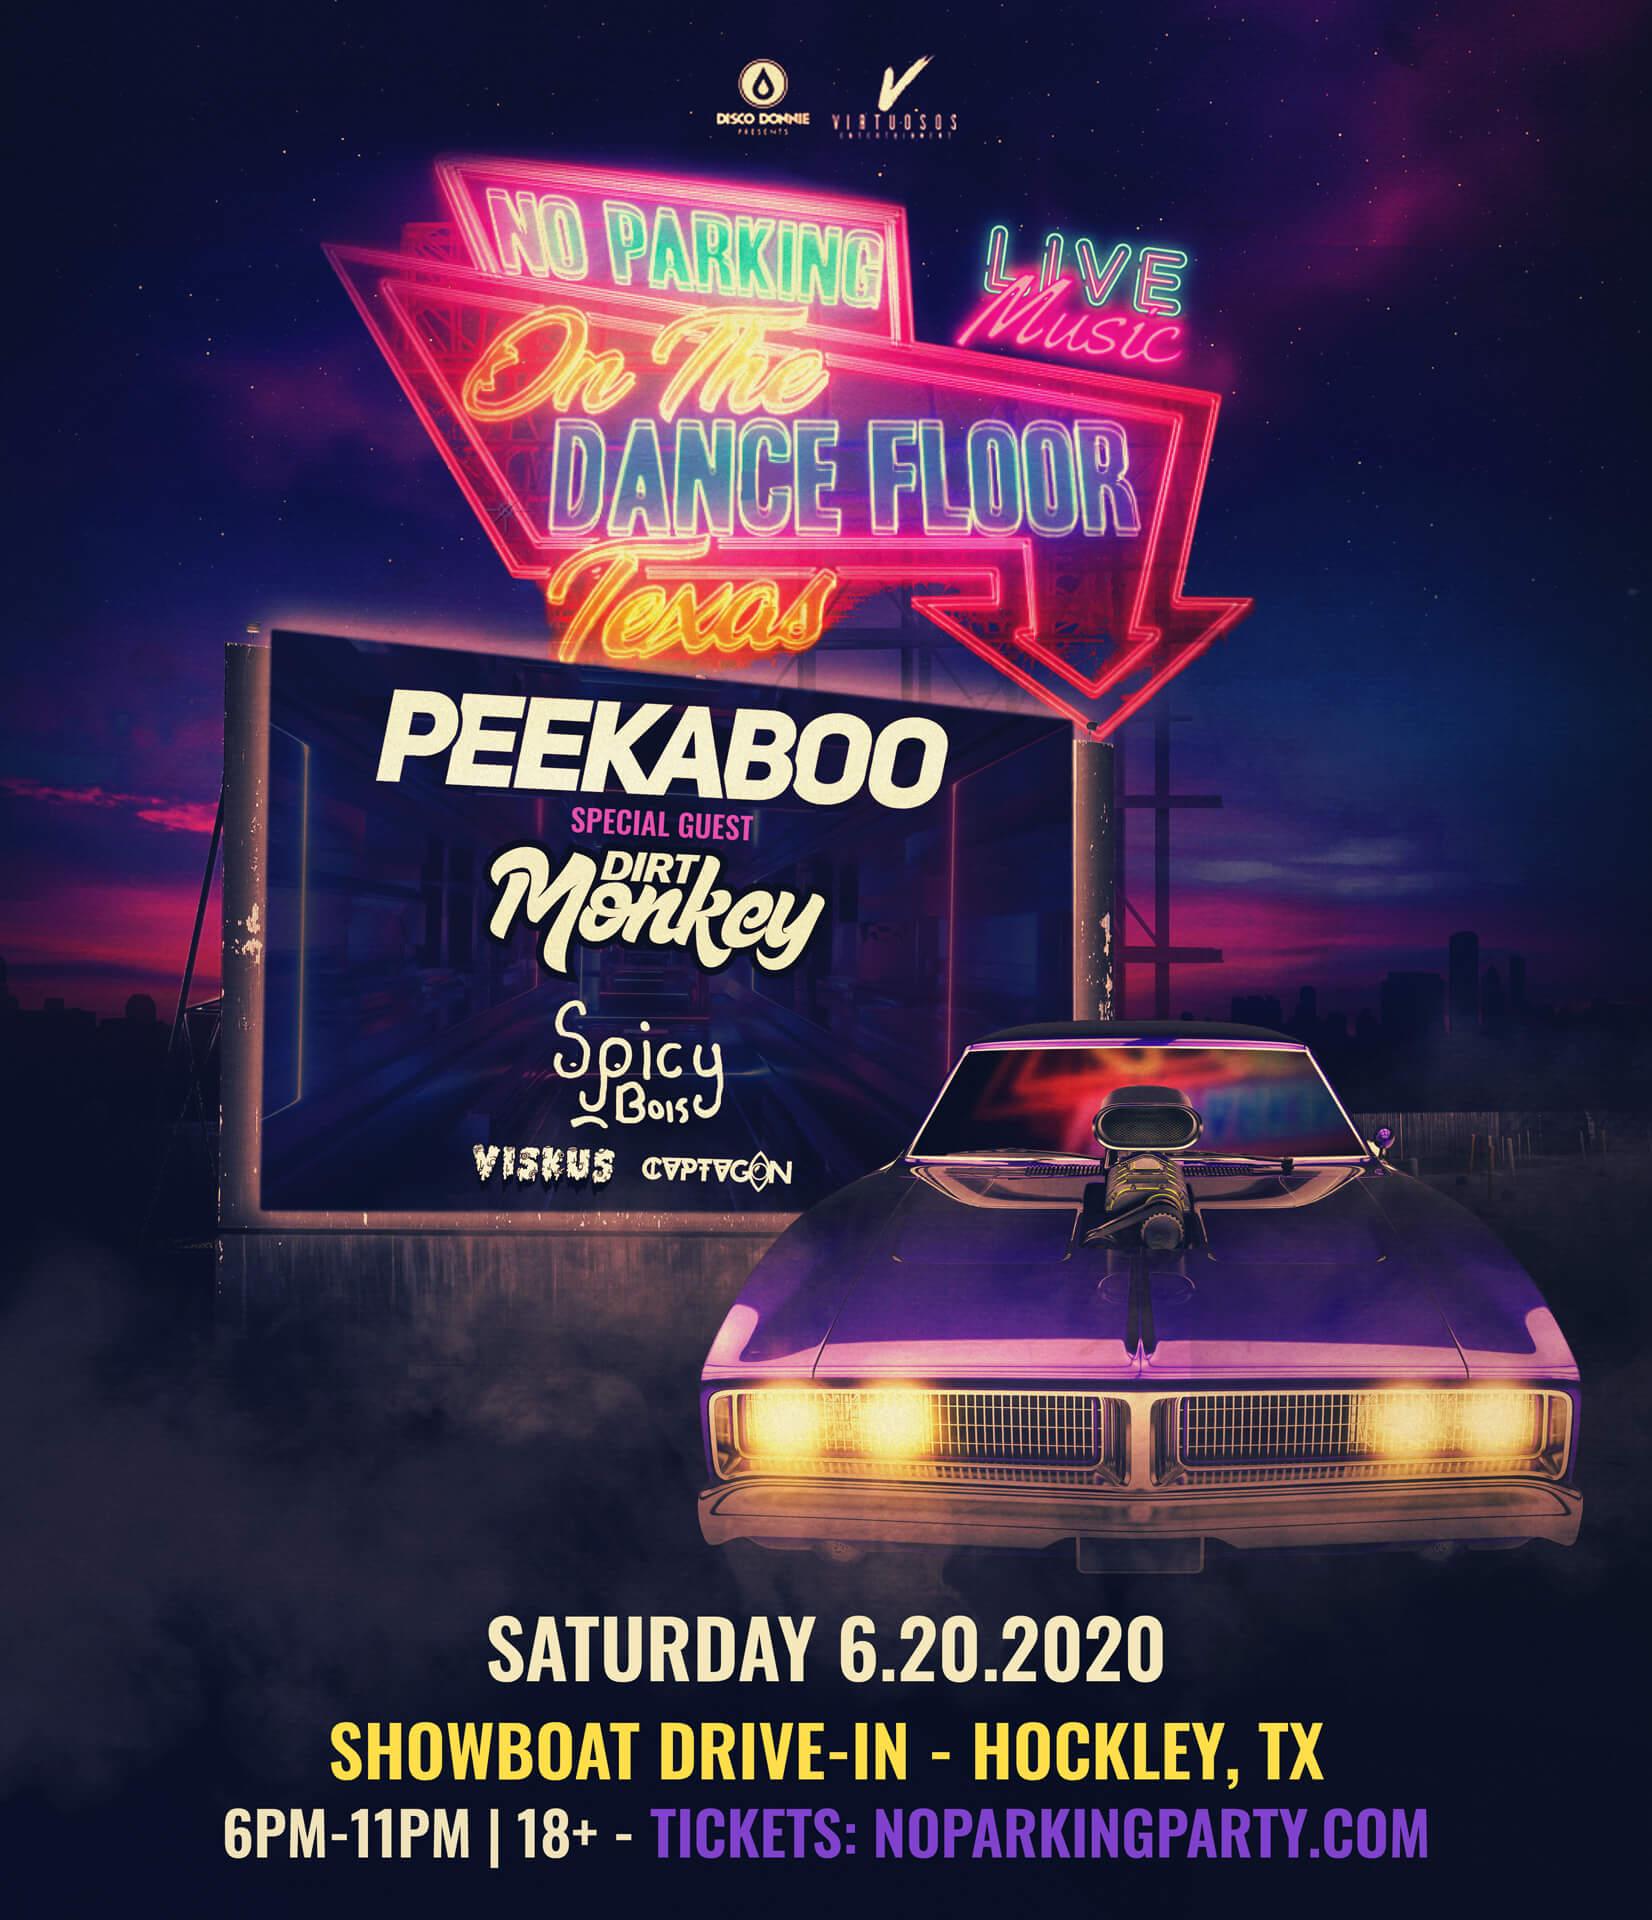 no parking on the dance floor texas